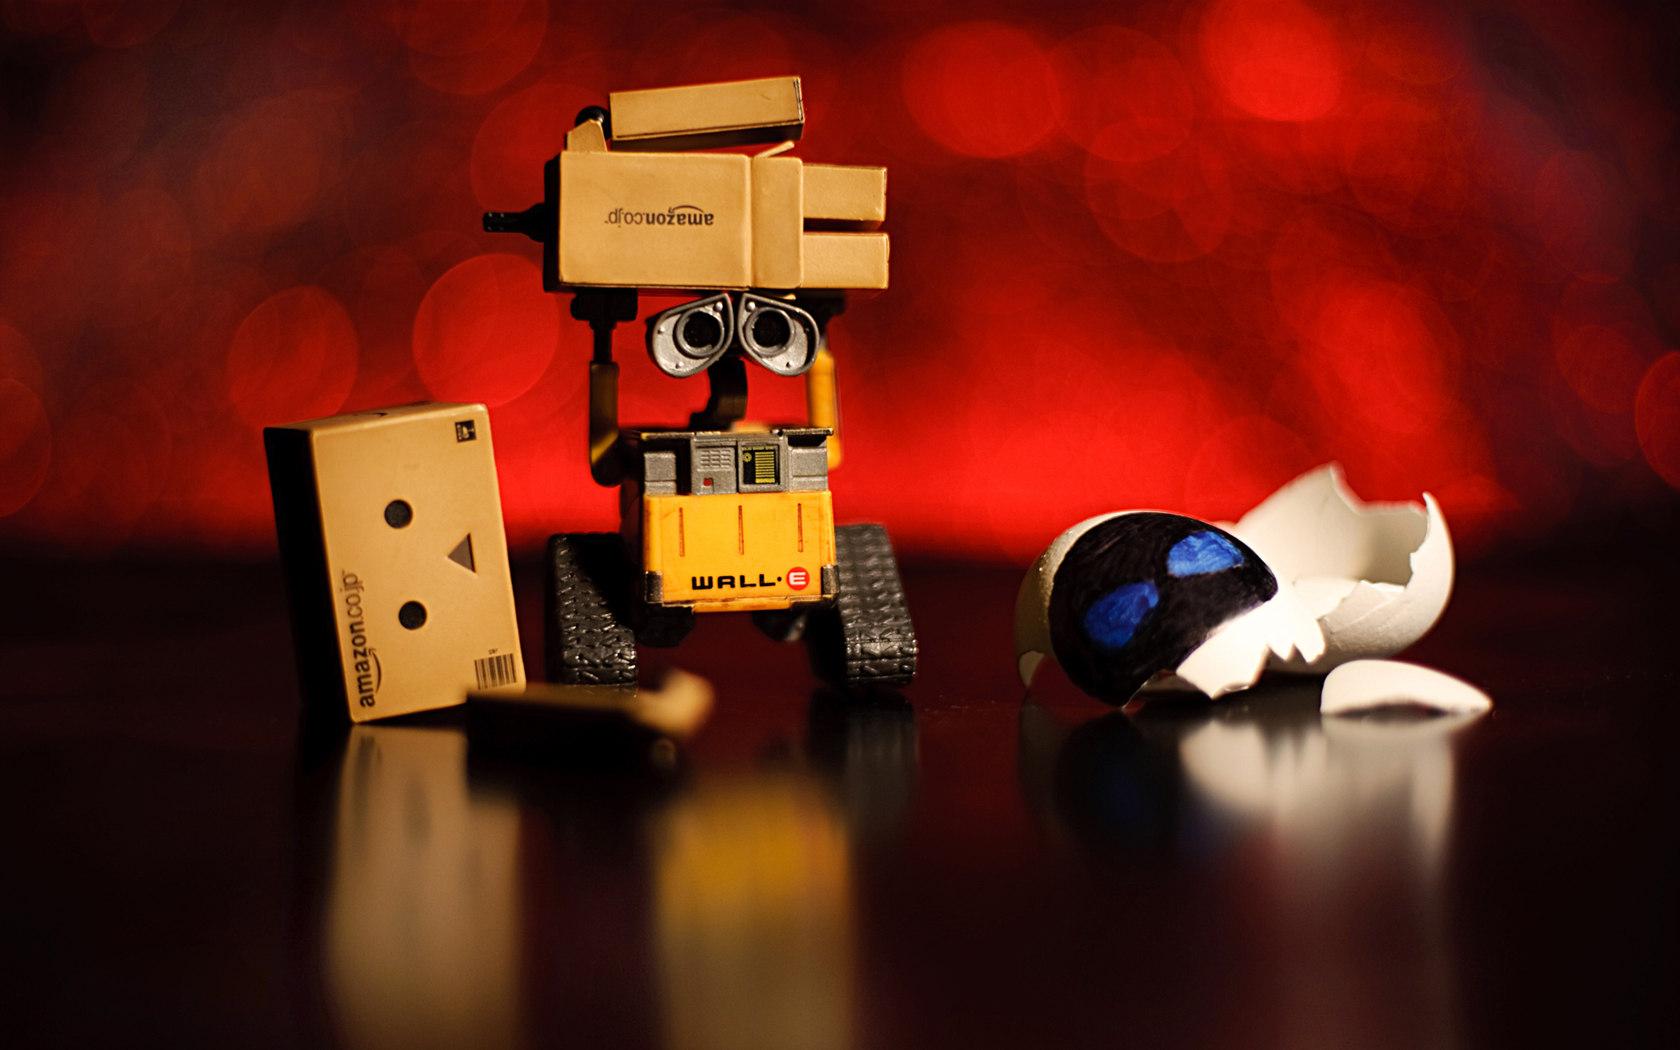 可爱的卡通纸盒小人高清图片素材下载(24p)[中国资源